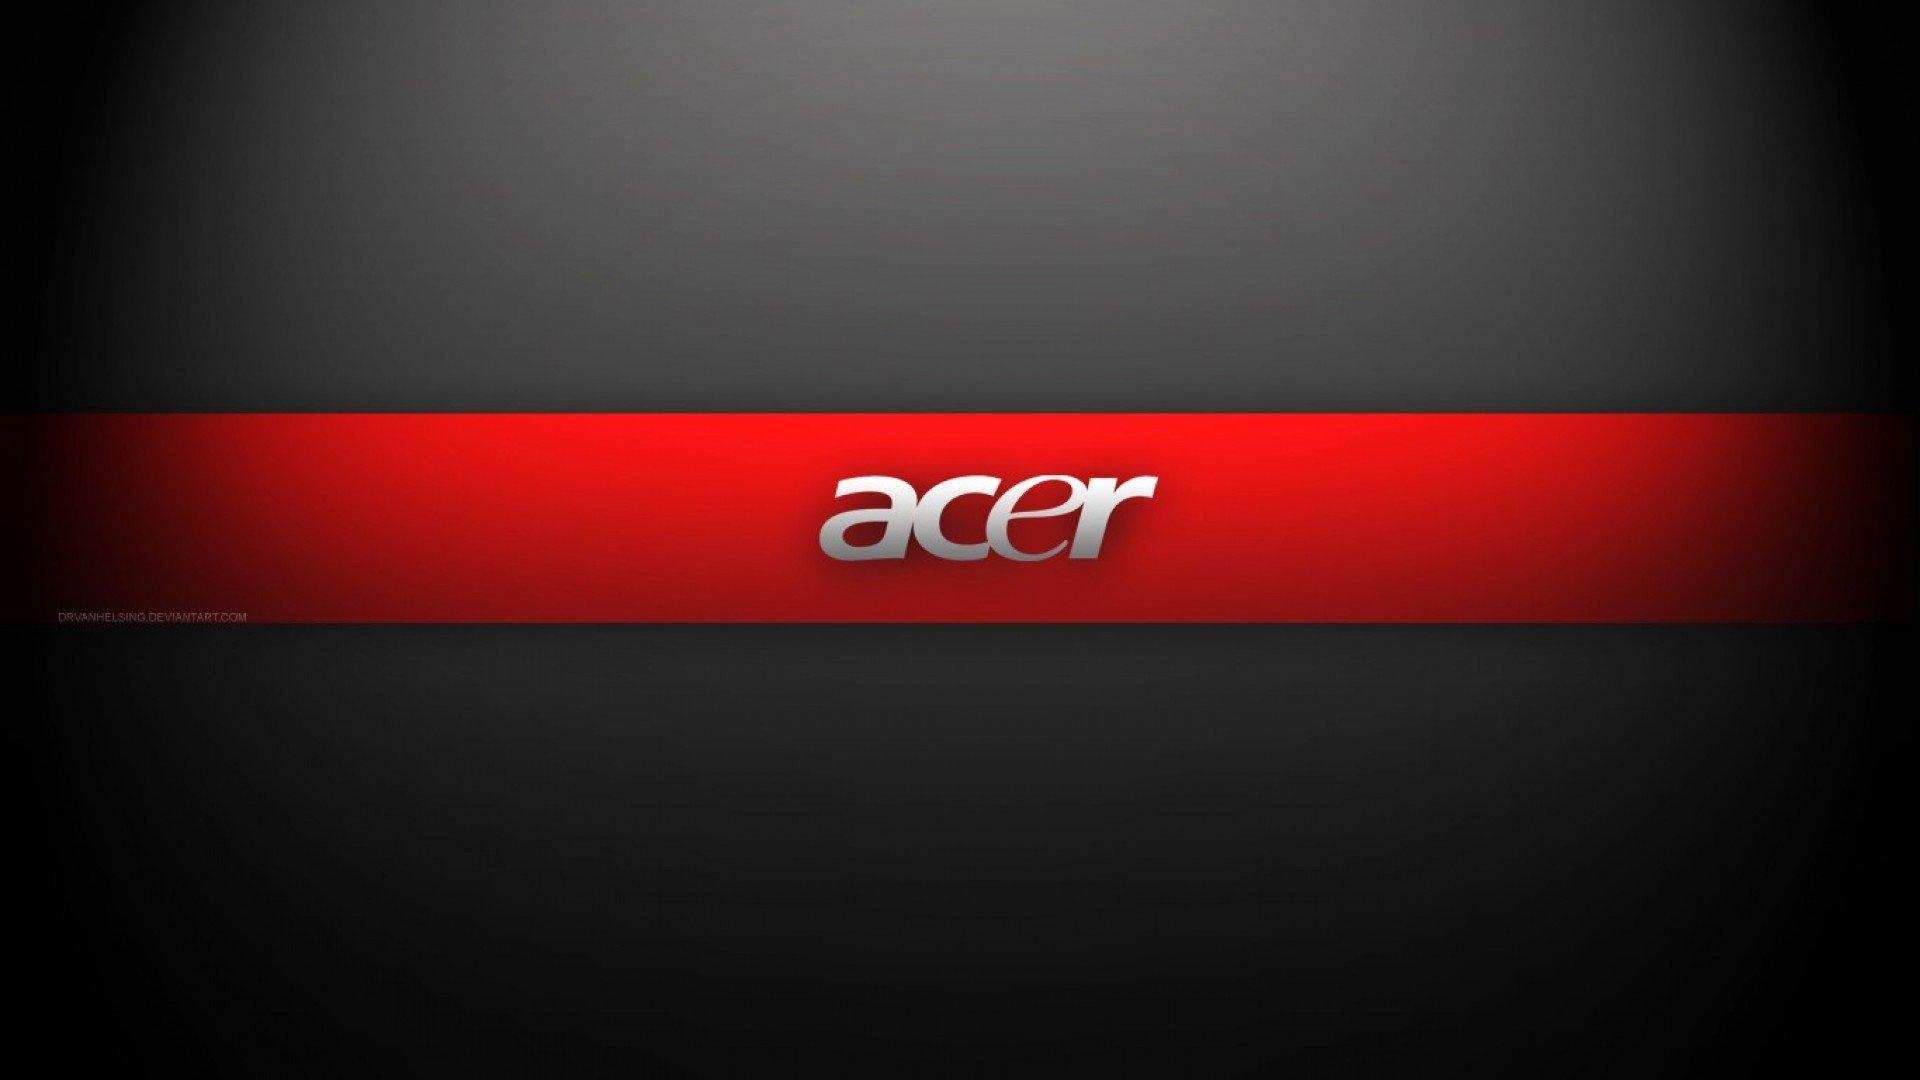 Acer Predator Logo HD Wallpaper - WallsKid